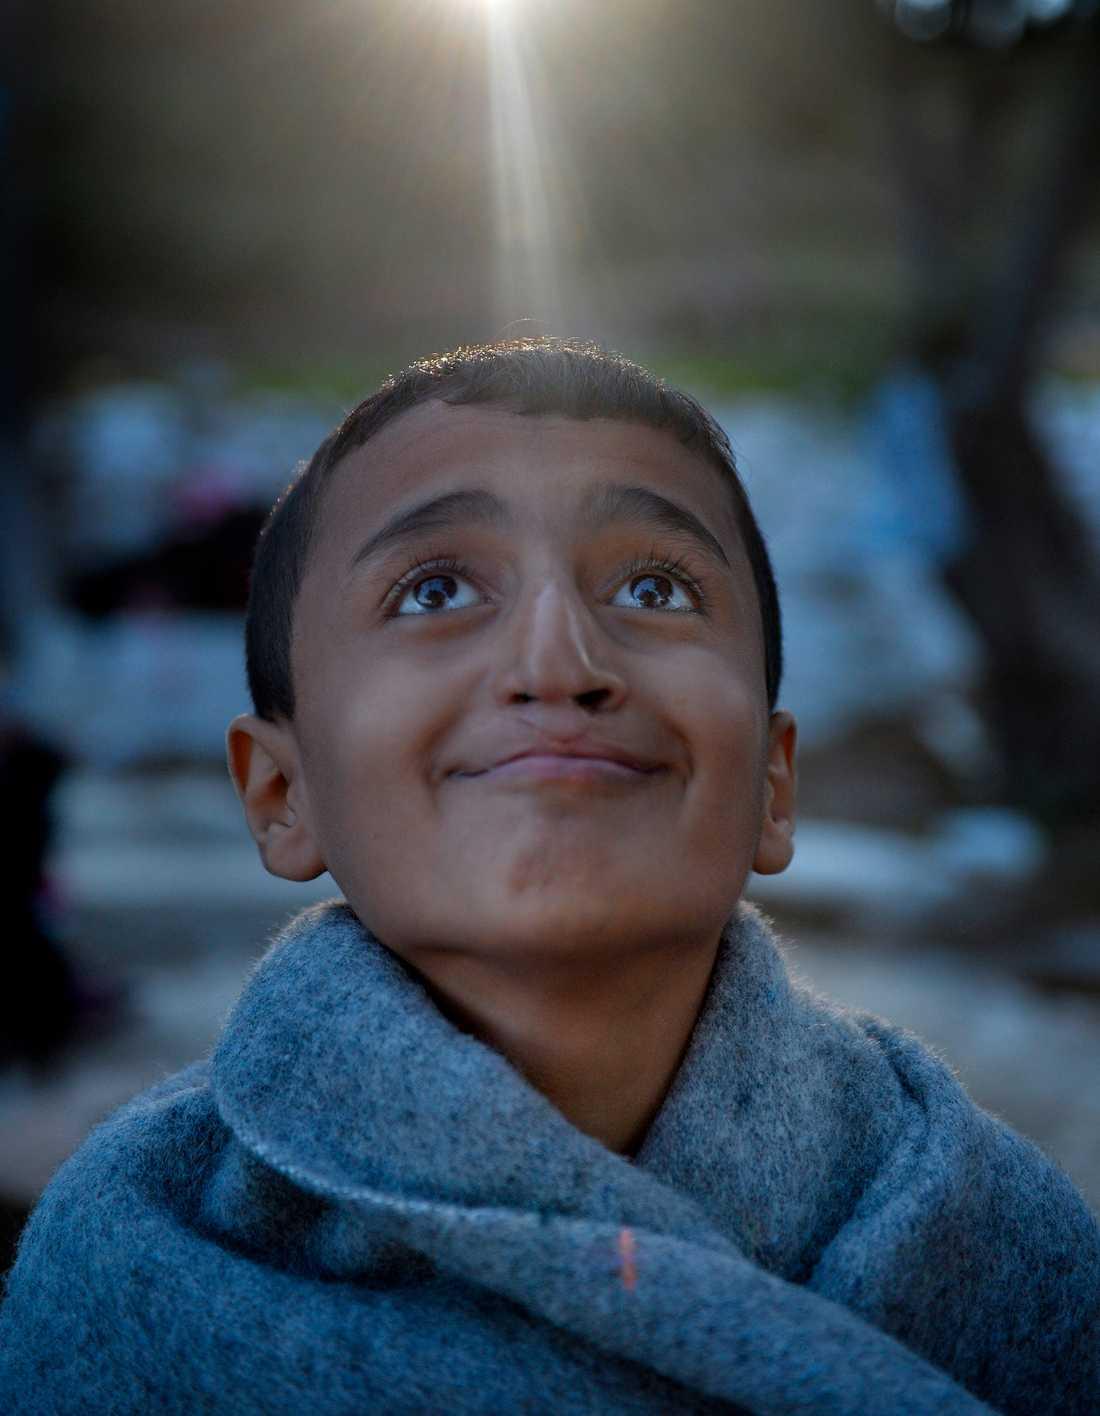 Mahmud, 12, överlevde resan över Medelhavet.